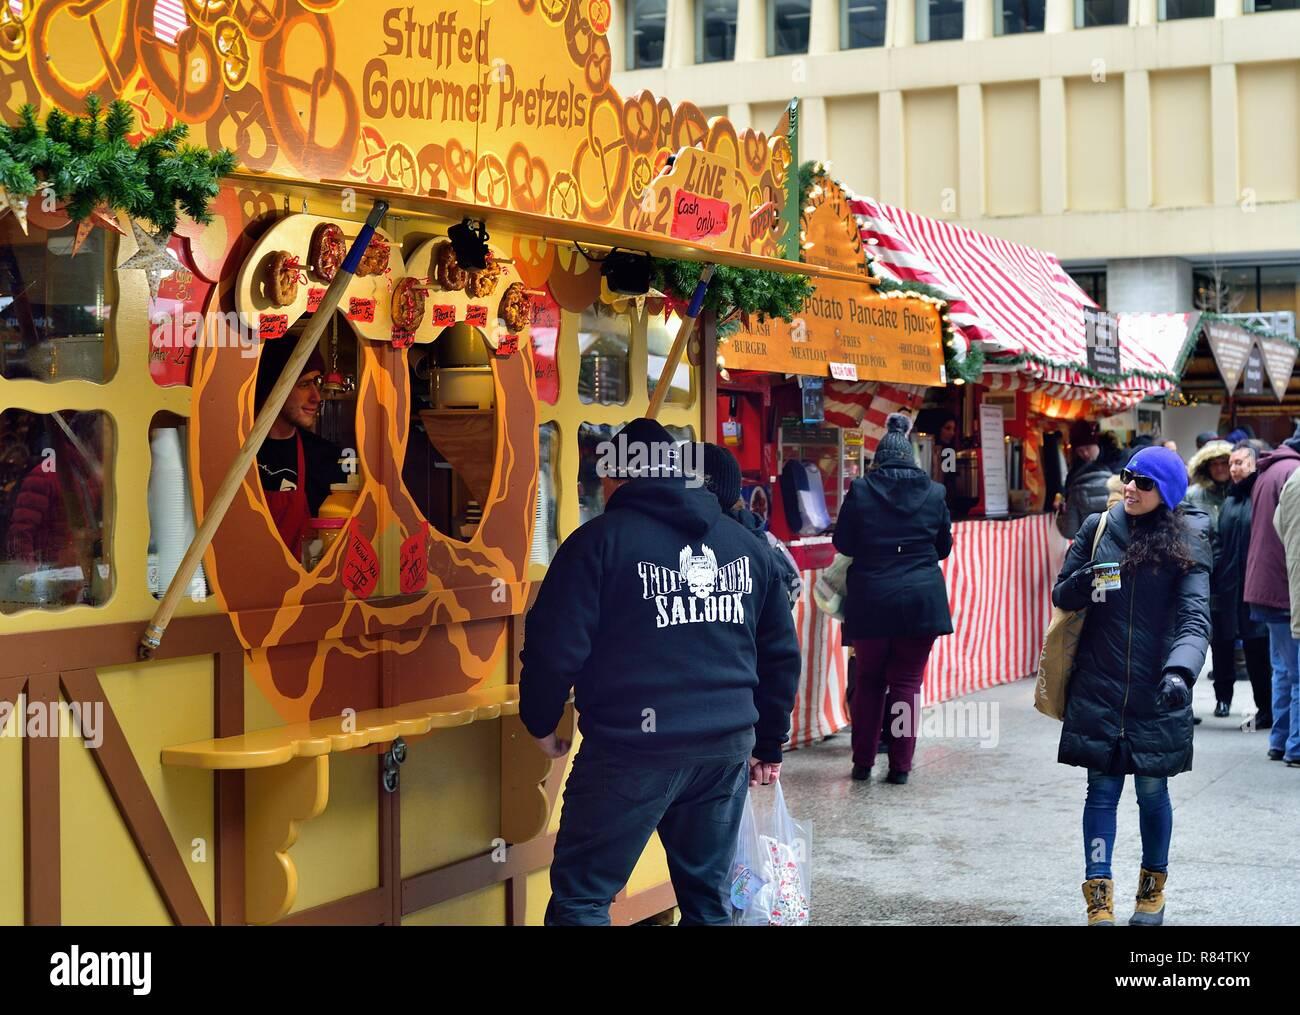 Chicago, Illinois, Stati Uniti d'America. Un gourmet pretzel kiosk presso il Christkindlmarket nel centro cittadino di Chicago. Immagini Stock